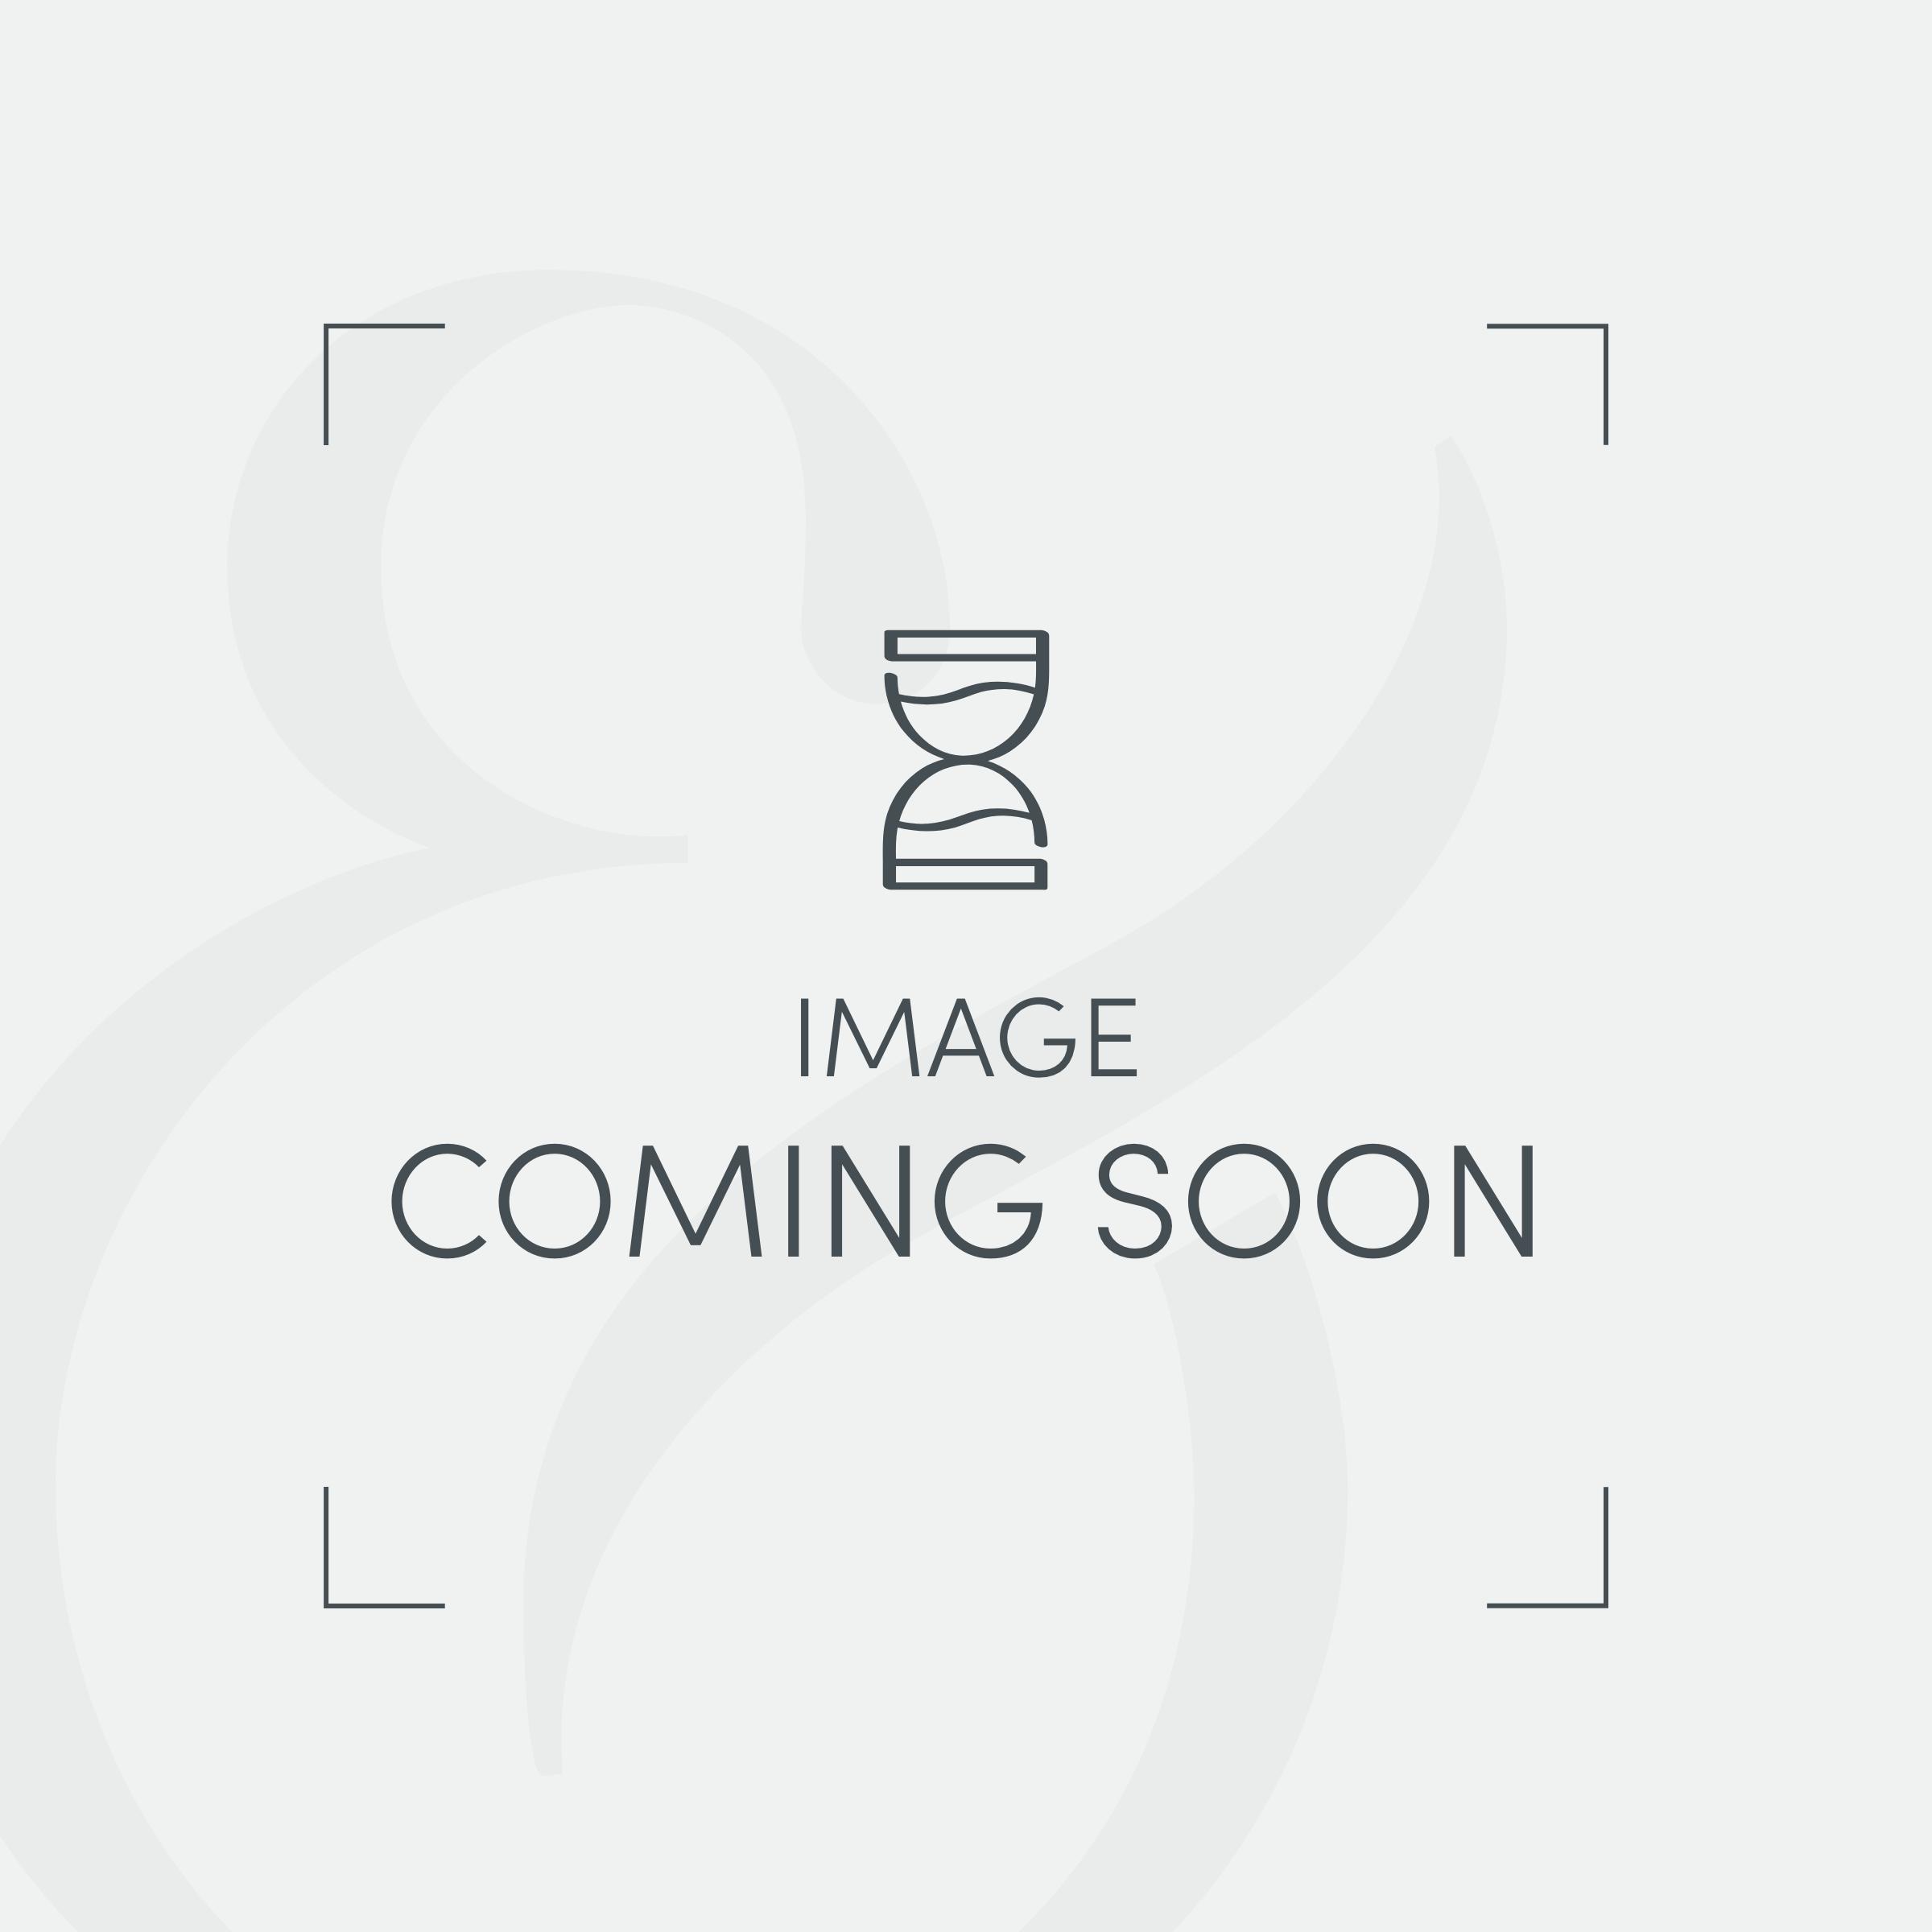 Soft As Down Microfibre Standard Pillow - Medium/Firm